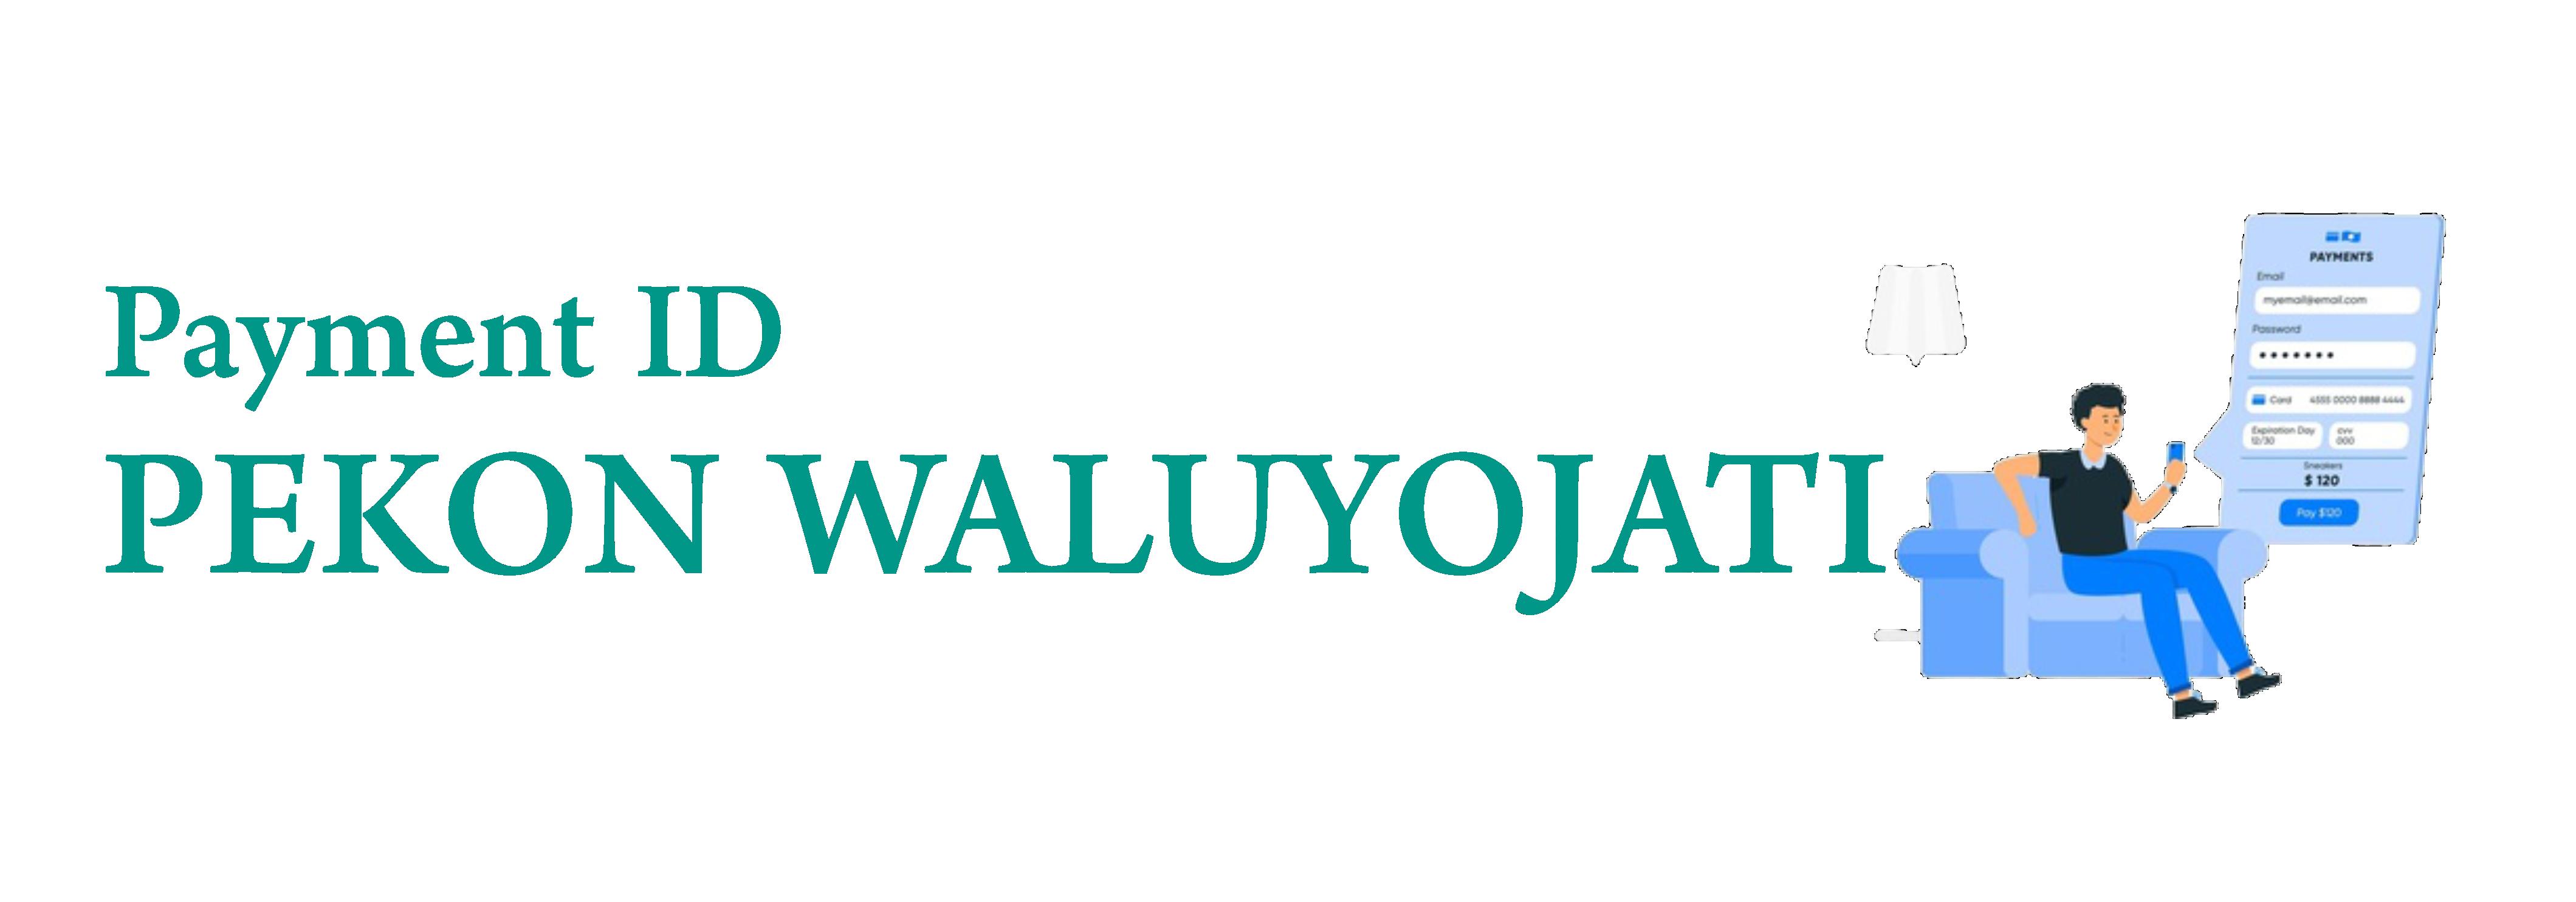 Payment ID Pekon Waluyojati